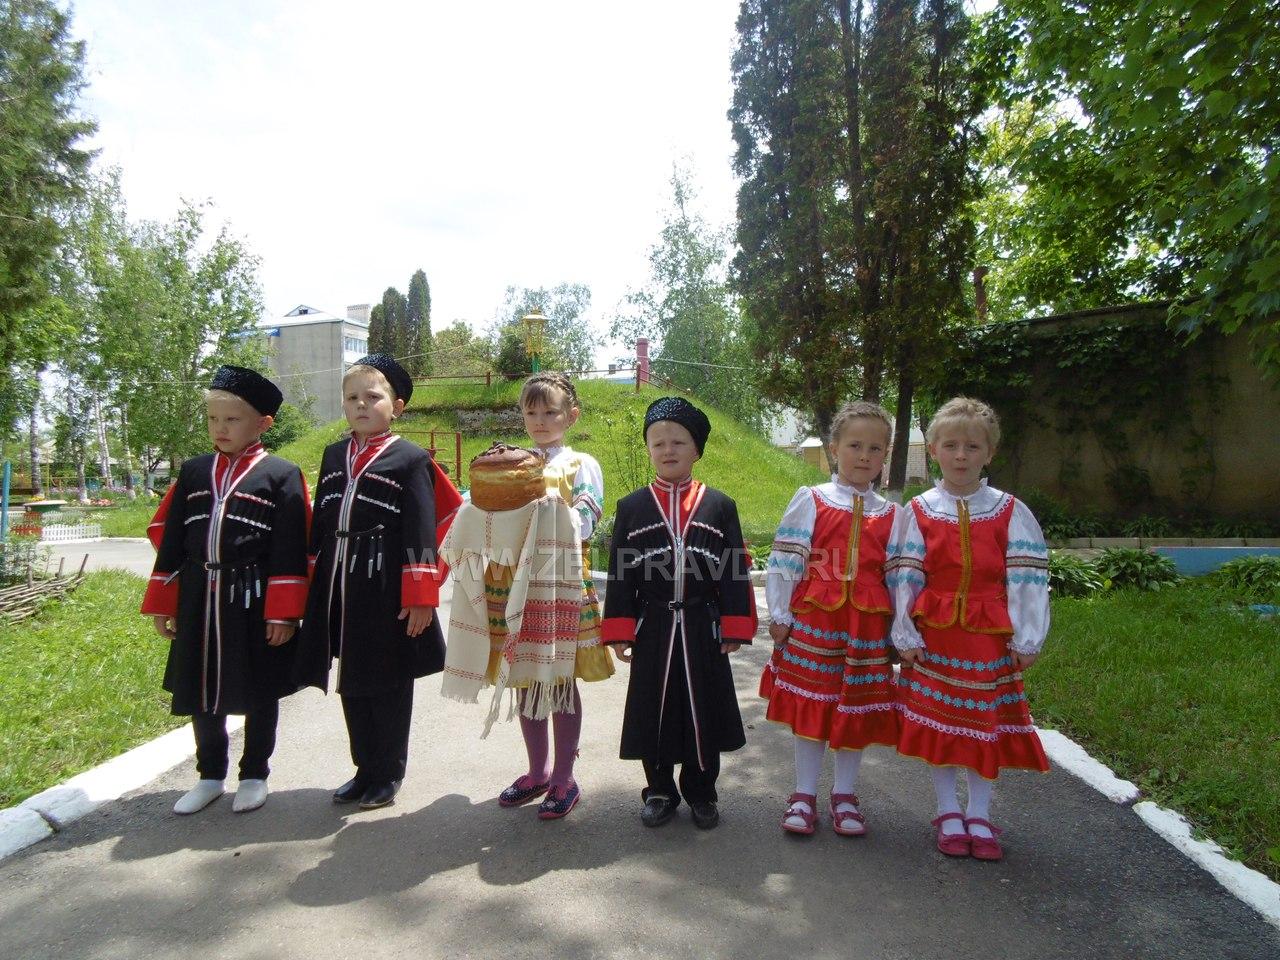 Атаман Кубанского казачьего войска посетил детский сад станицы Зеленчукской